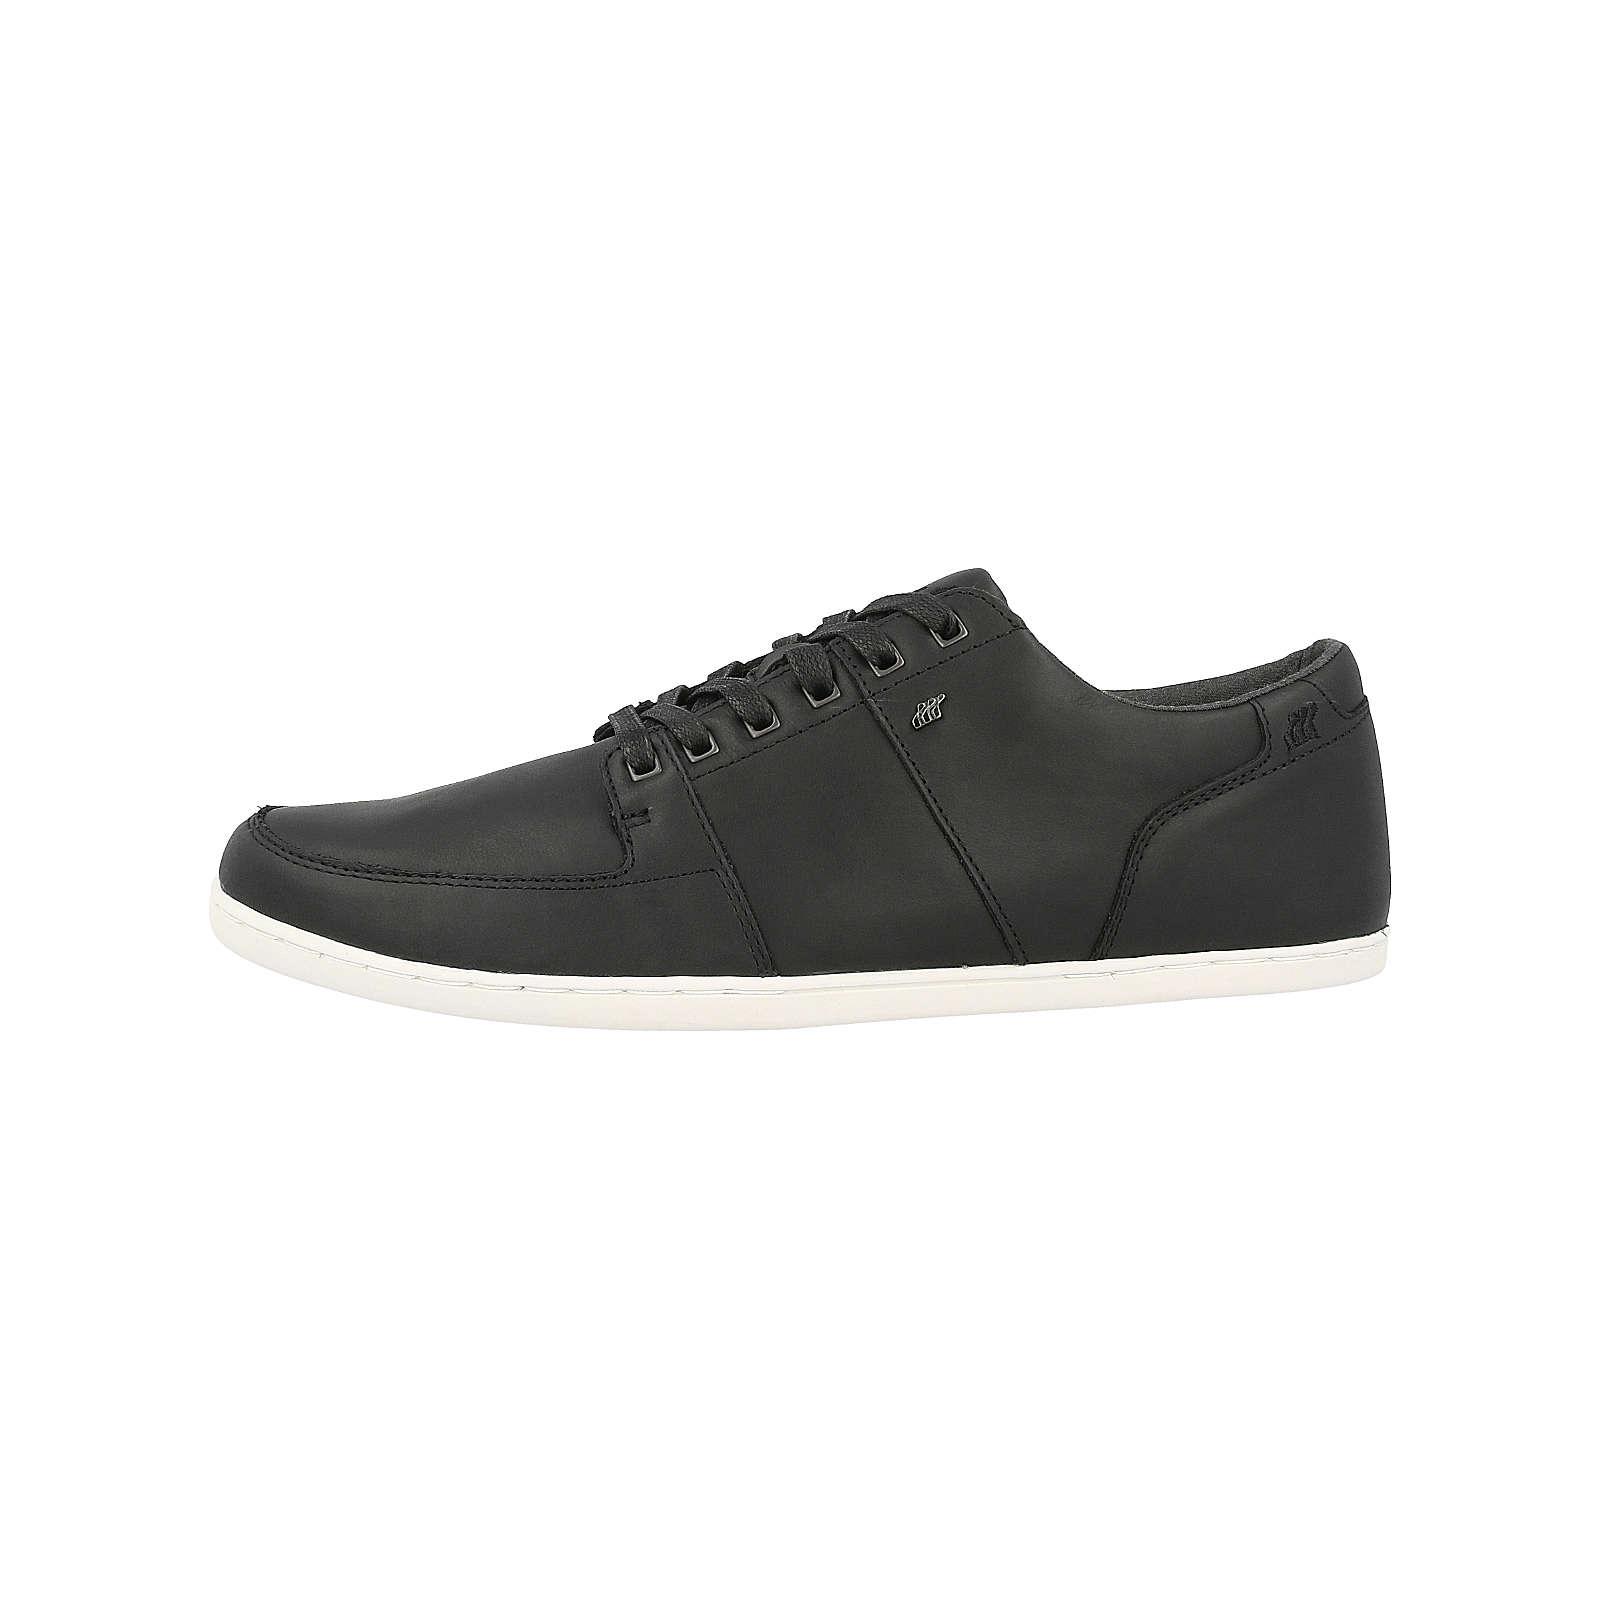 Boxfresh® Schuhe Spencer ICN Leather Sneakers Low schwarz Herren Gr. 49